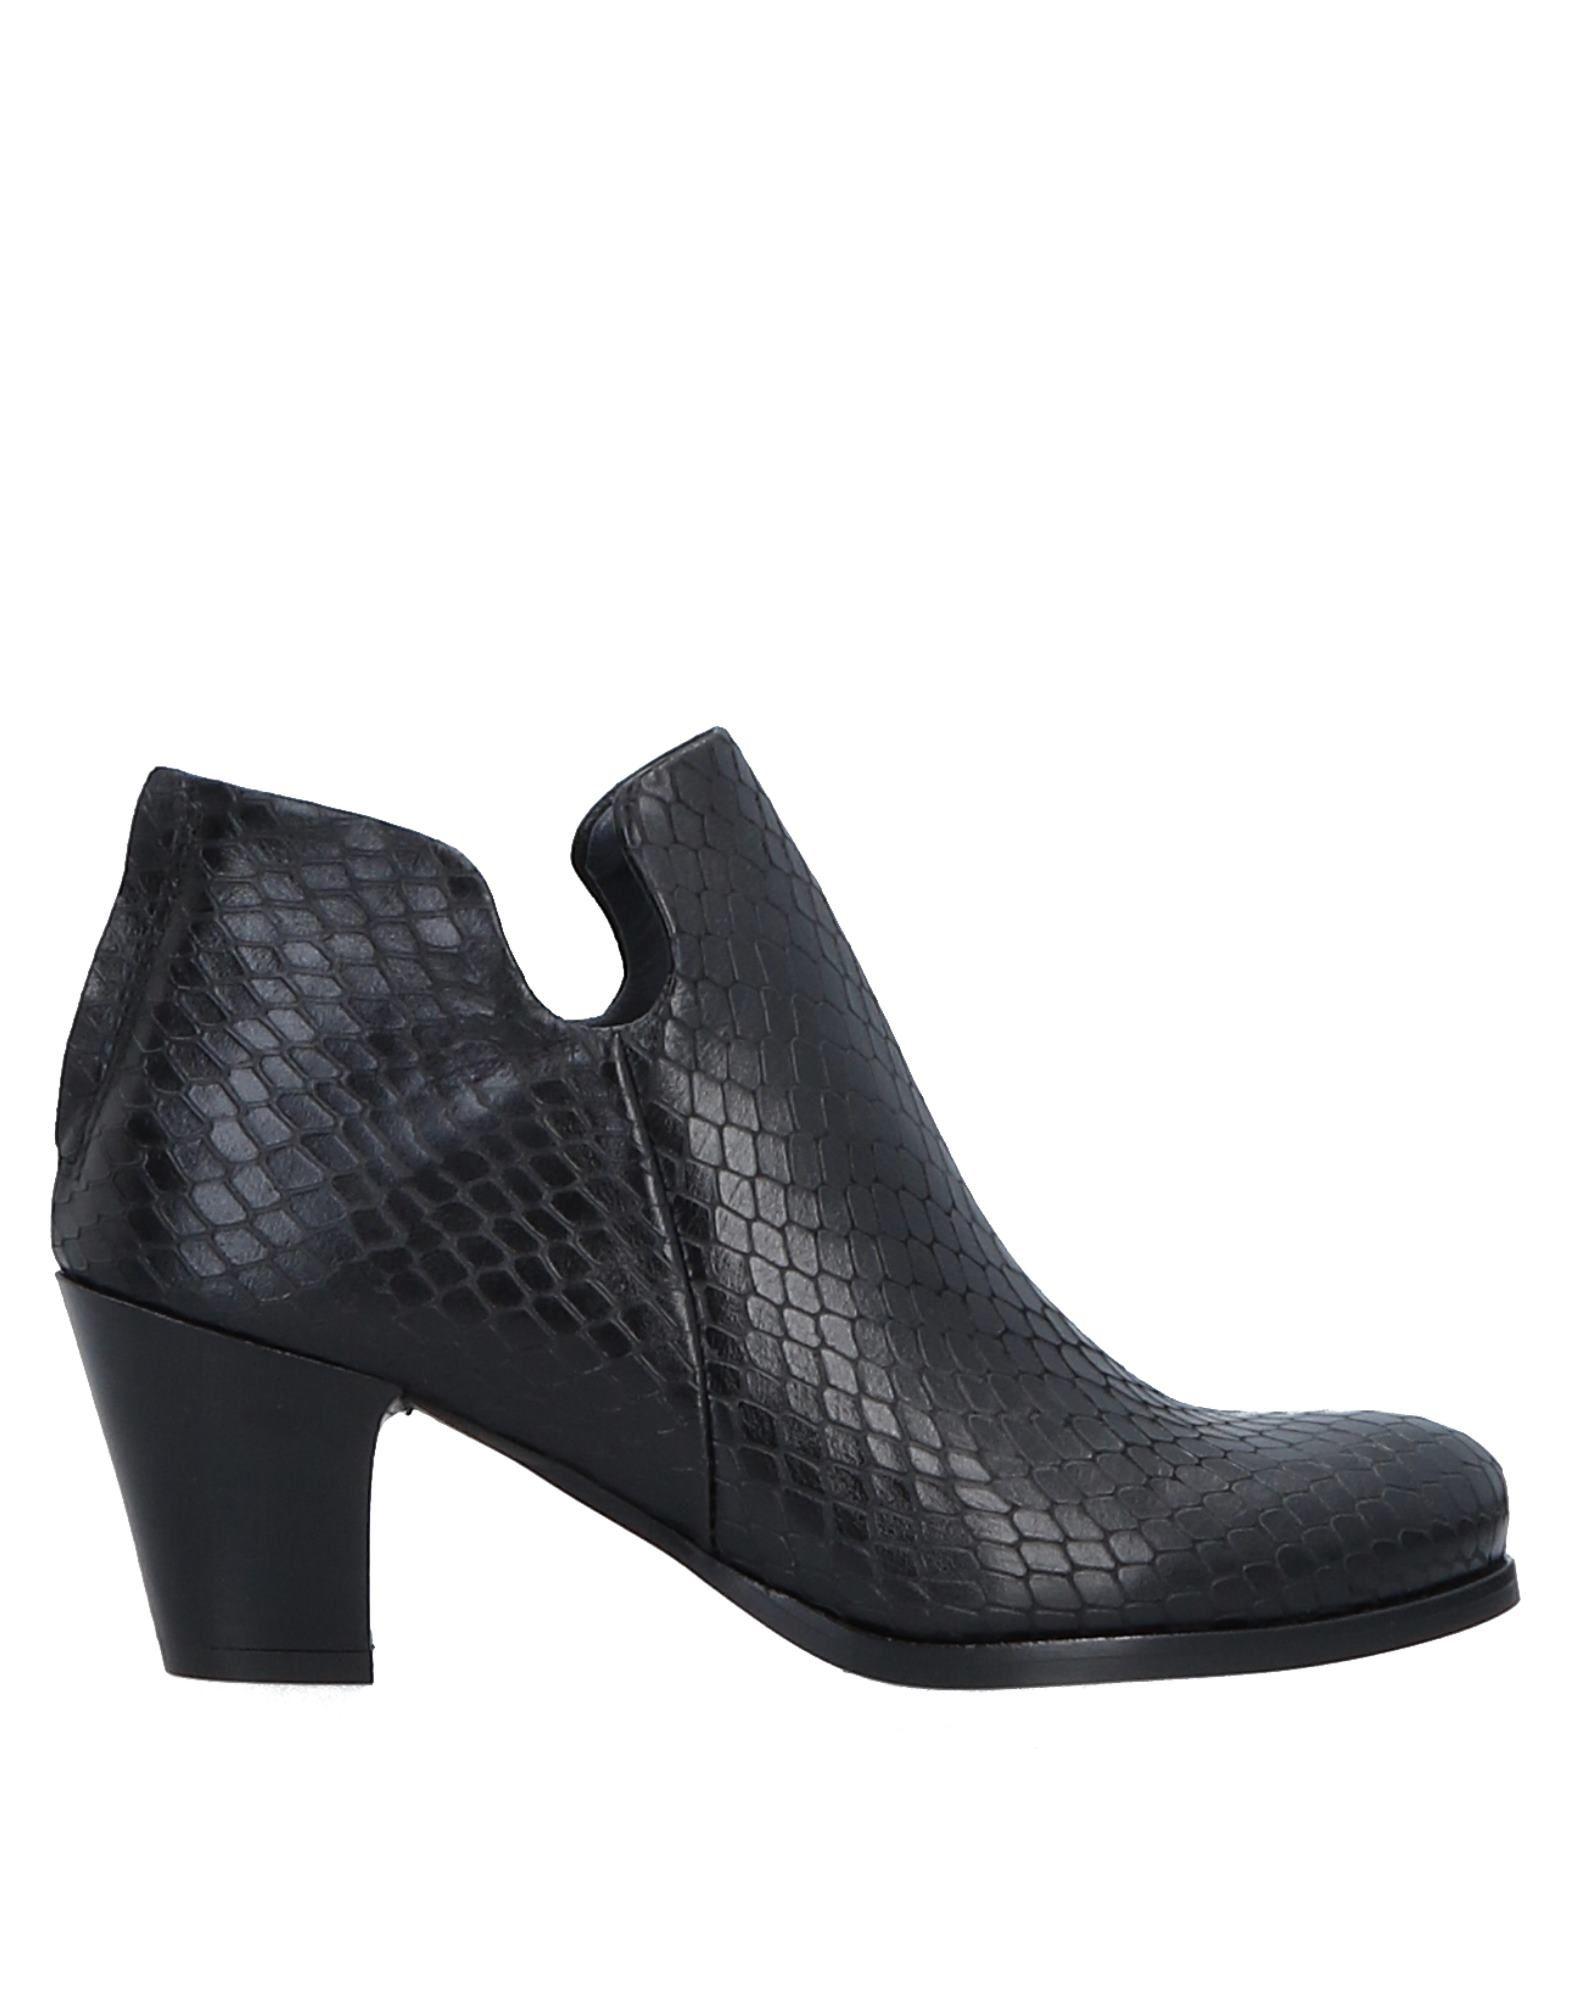 Lilimill Stiefelette Damen  11523930PV Gute Qualität beliebte Schuhe